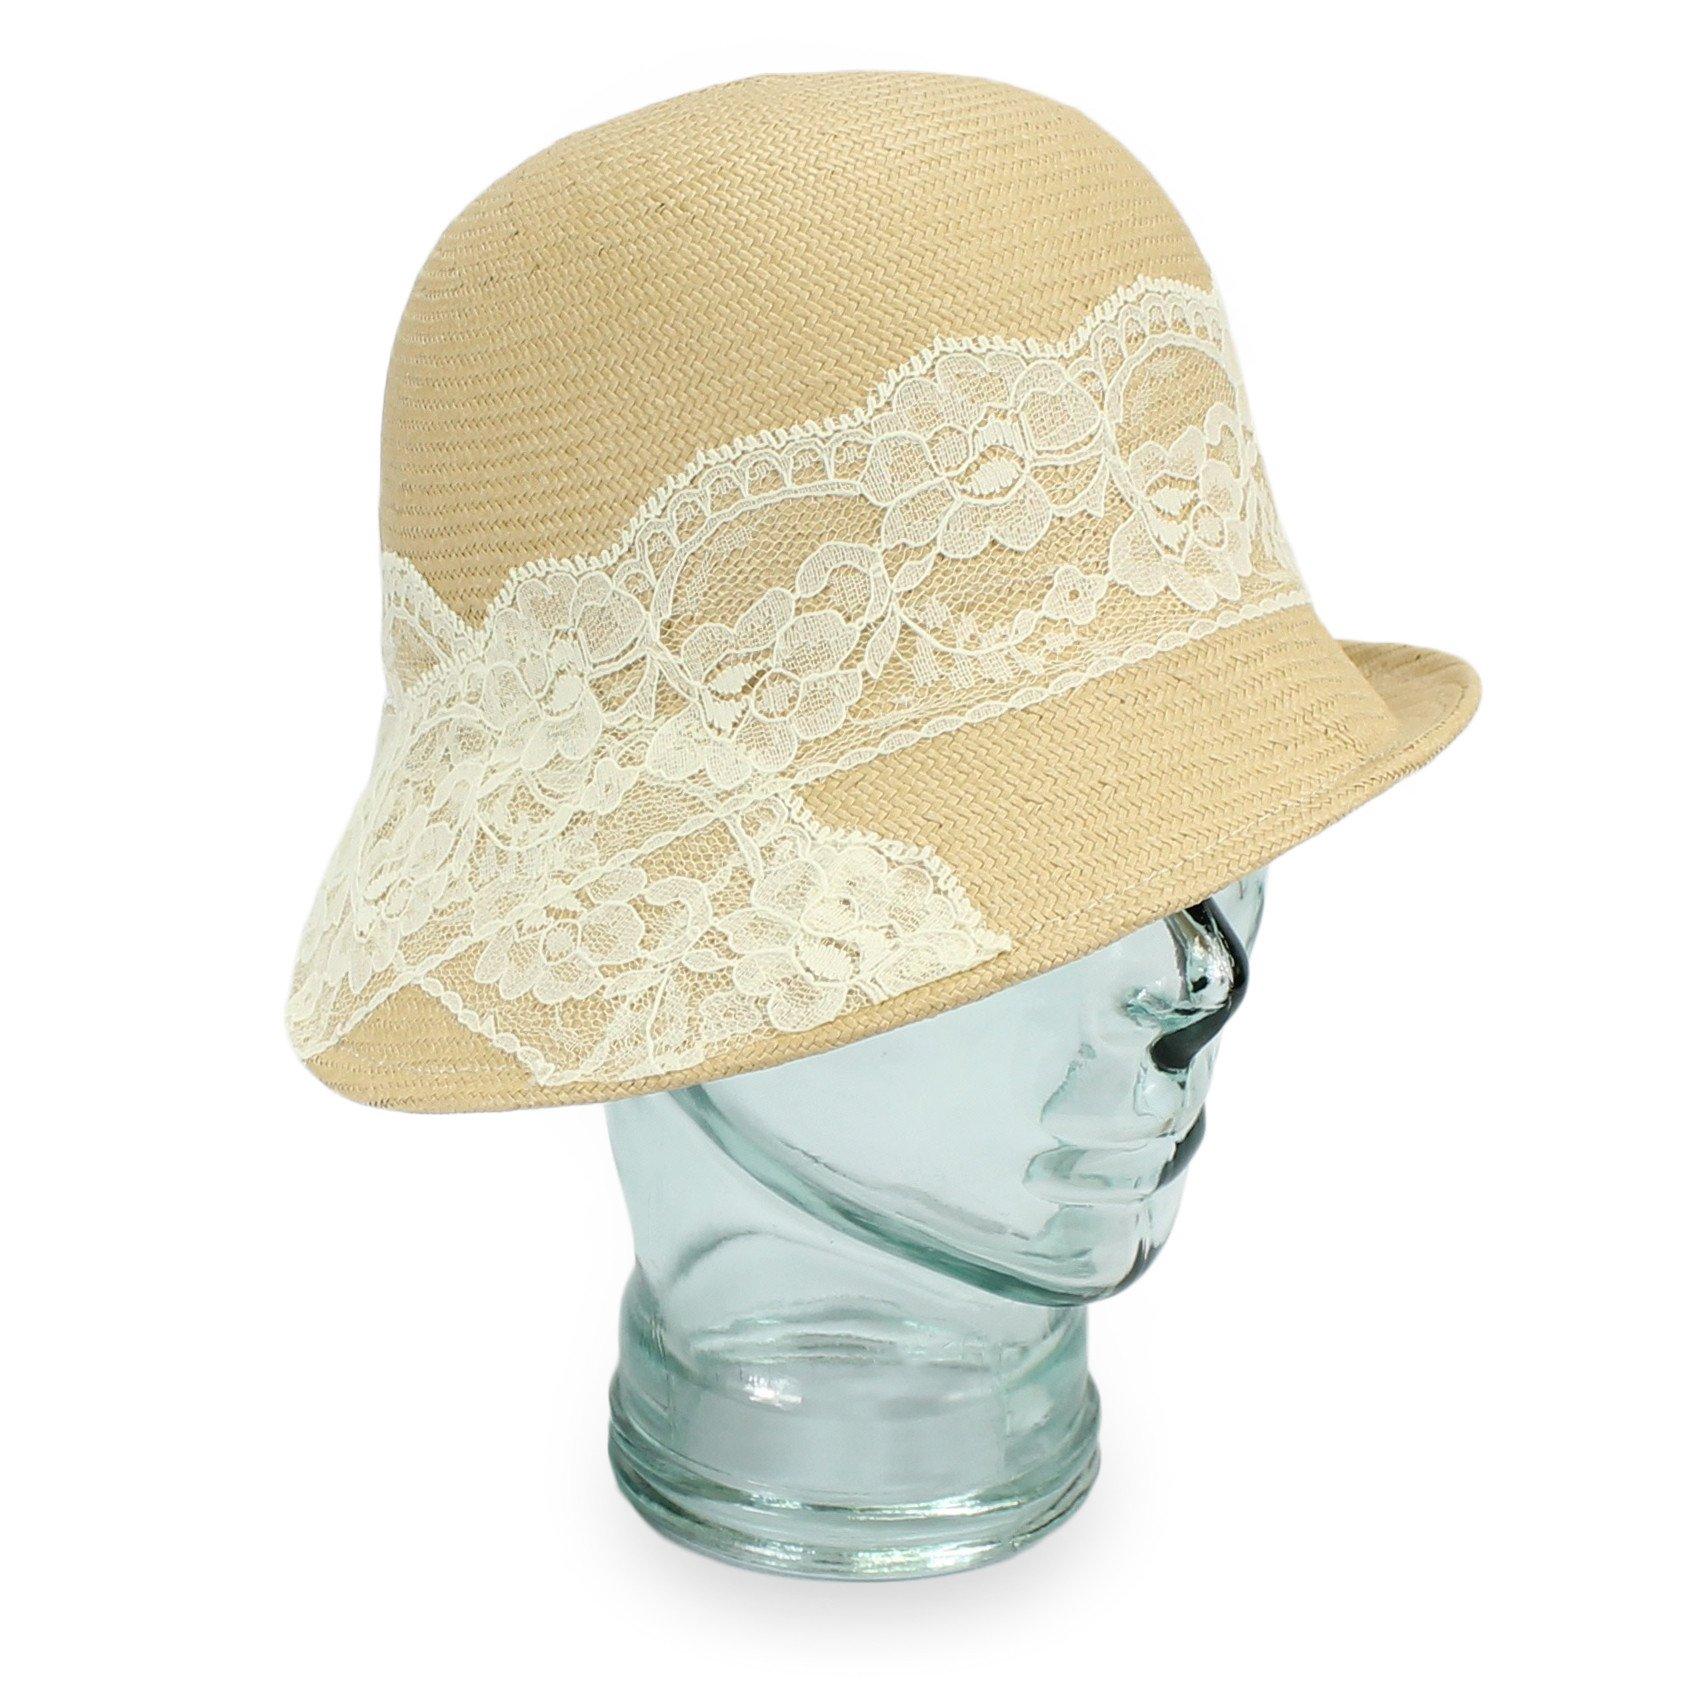 Hats in the Belfry Gemma - Finley Woven Toyo Straw Asymmetrical Cloche